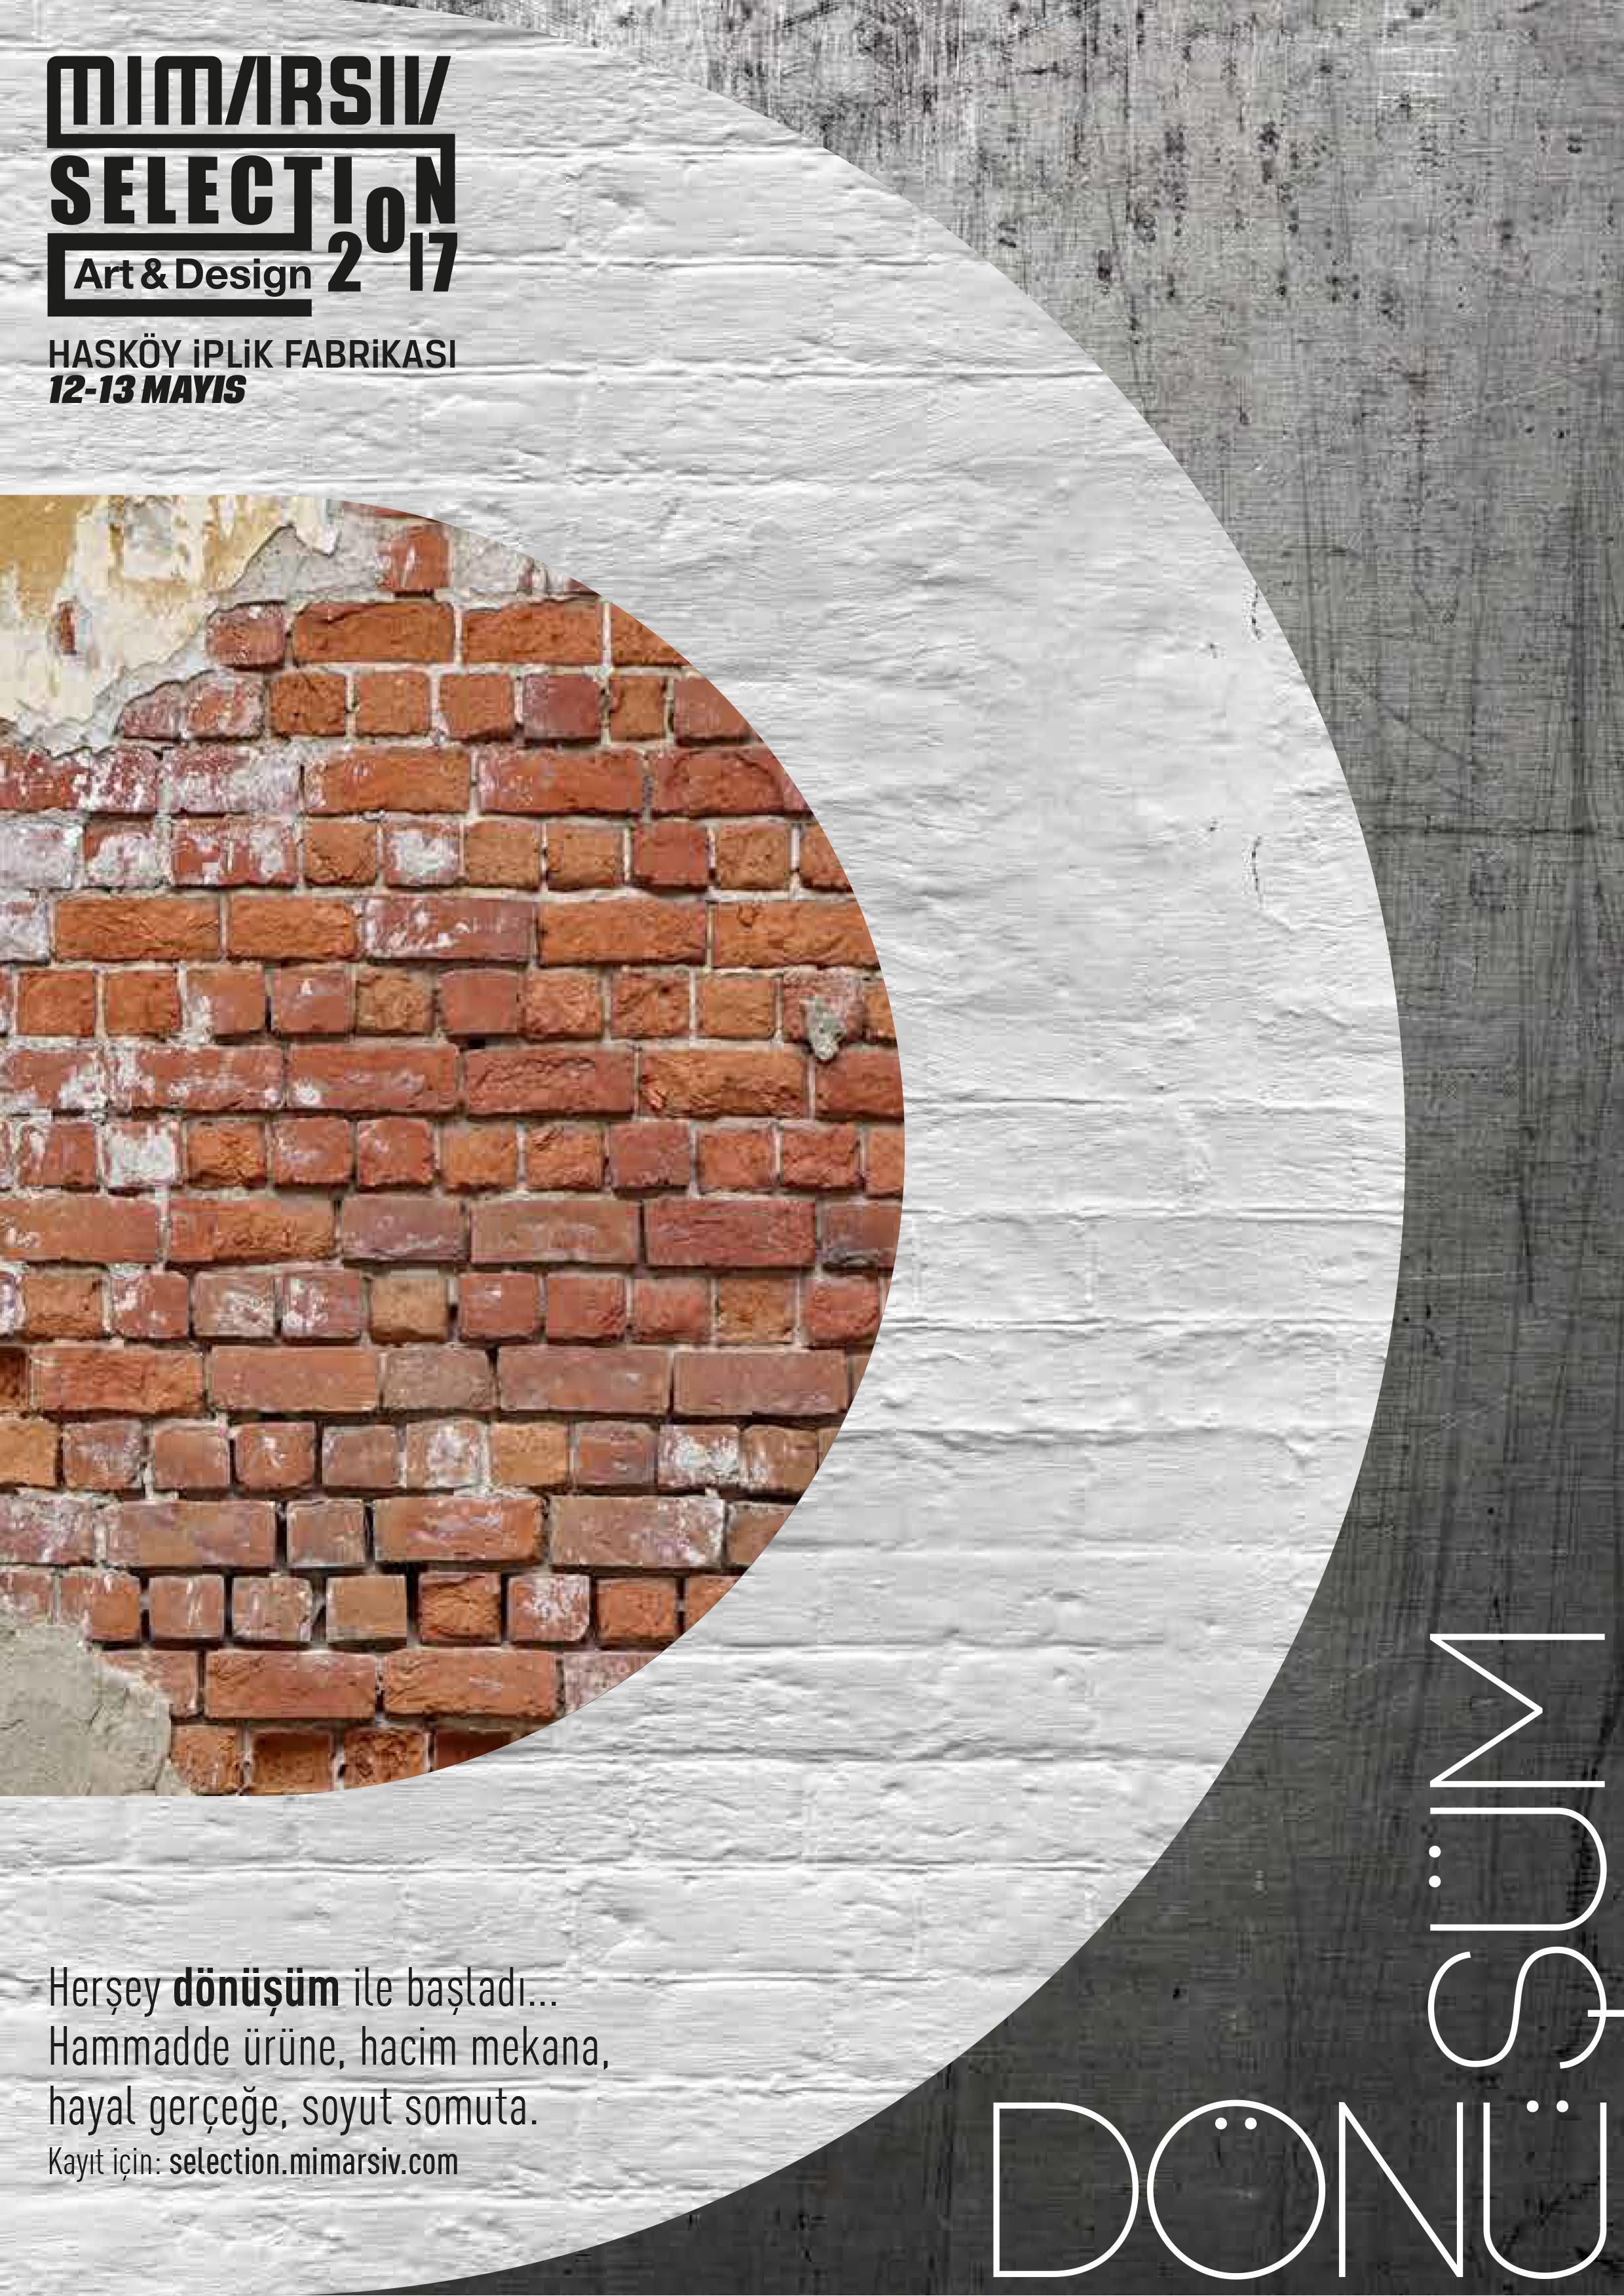 Mimarsiv architecture festival